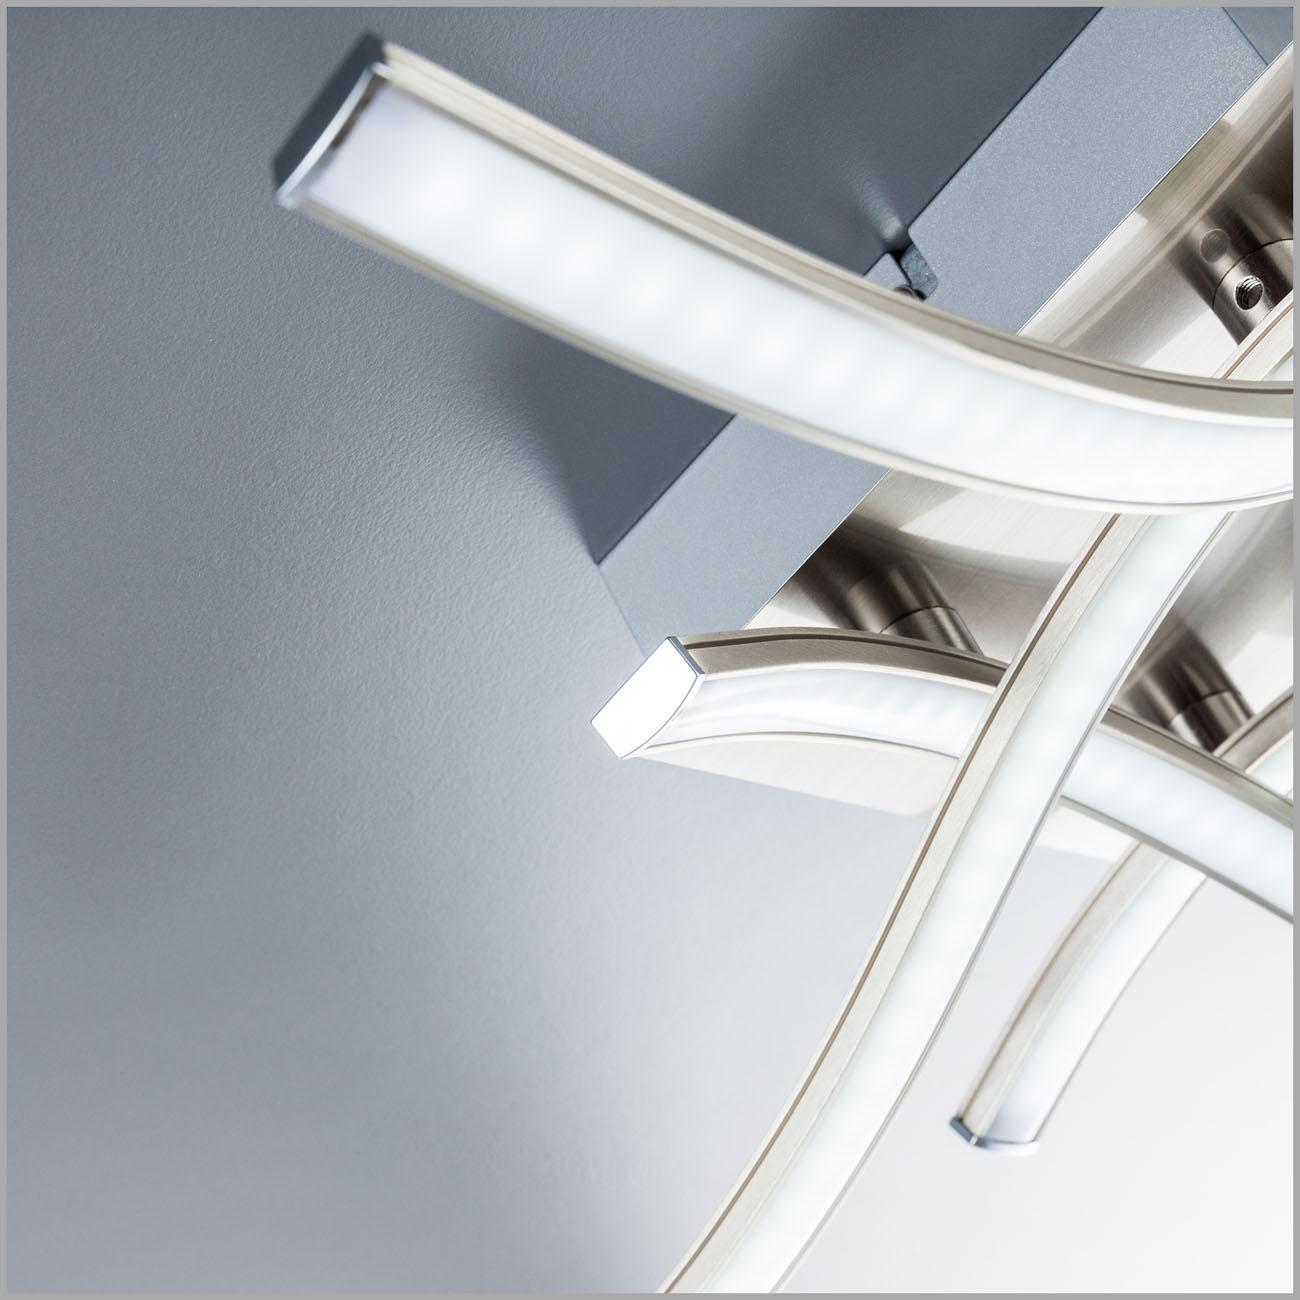 LED Design Deckenleuchte Wellenform 4-flammig  - 4